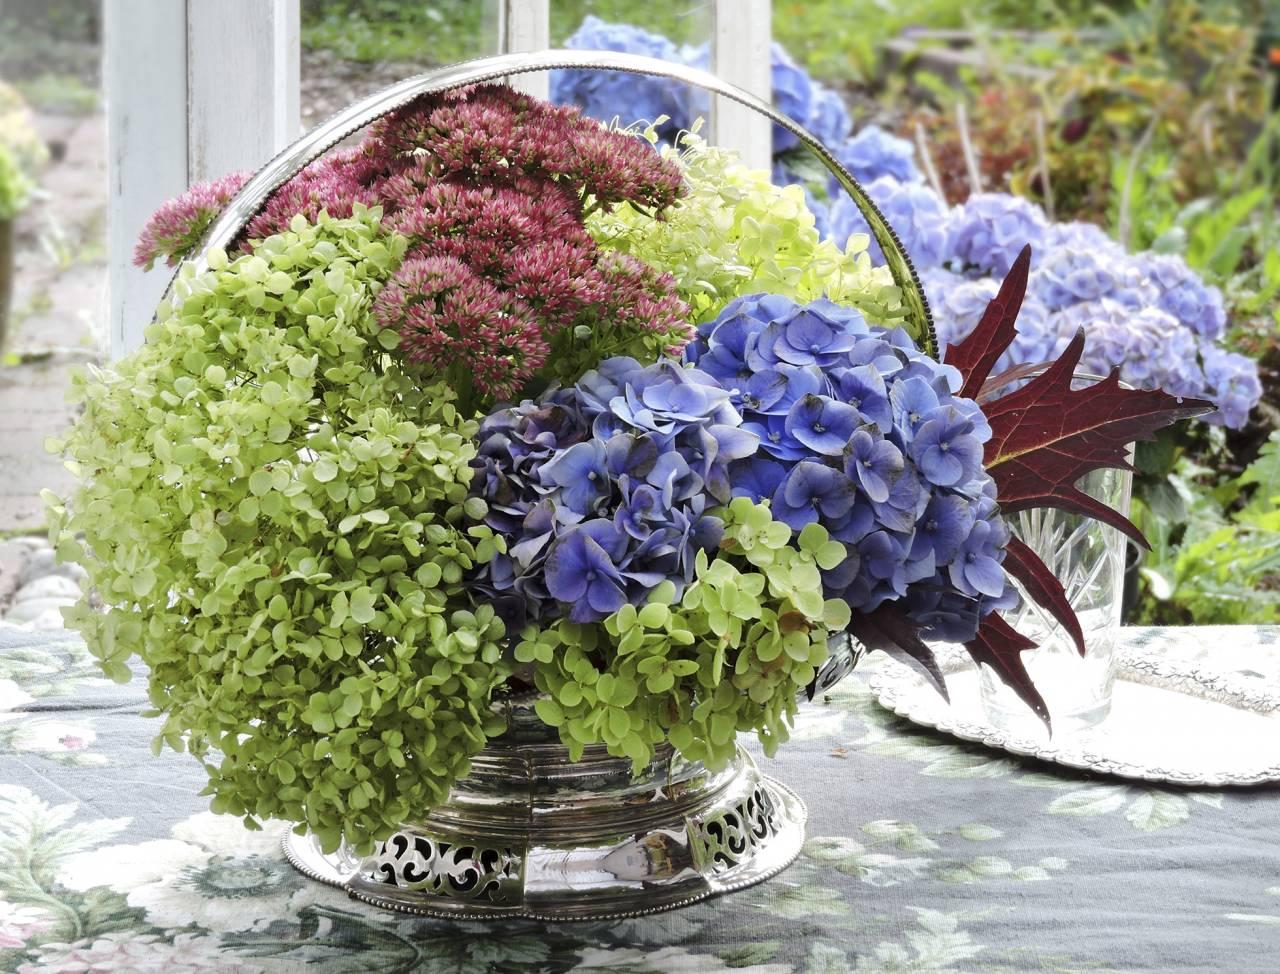 En tjusig, snabbt fixad sensommar-dekoration med olika hortensiasorter, kärleksört och vinfärgade höstblad.